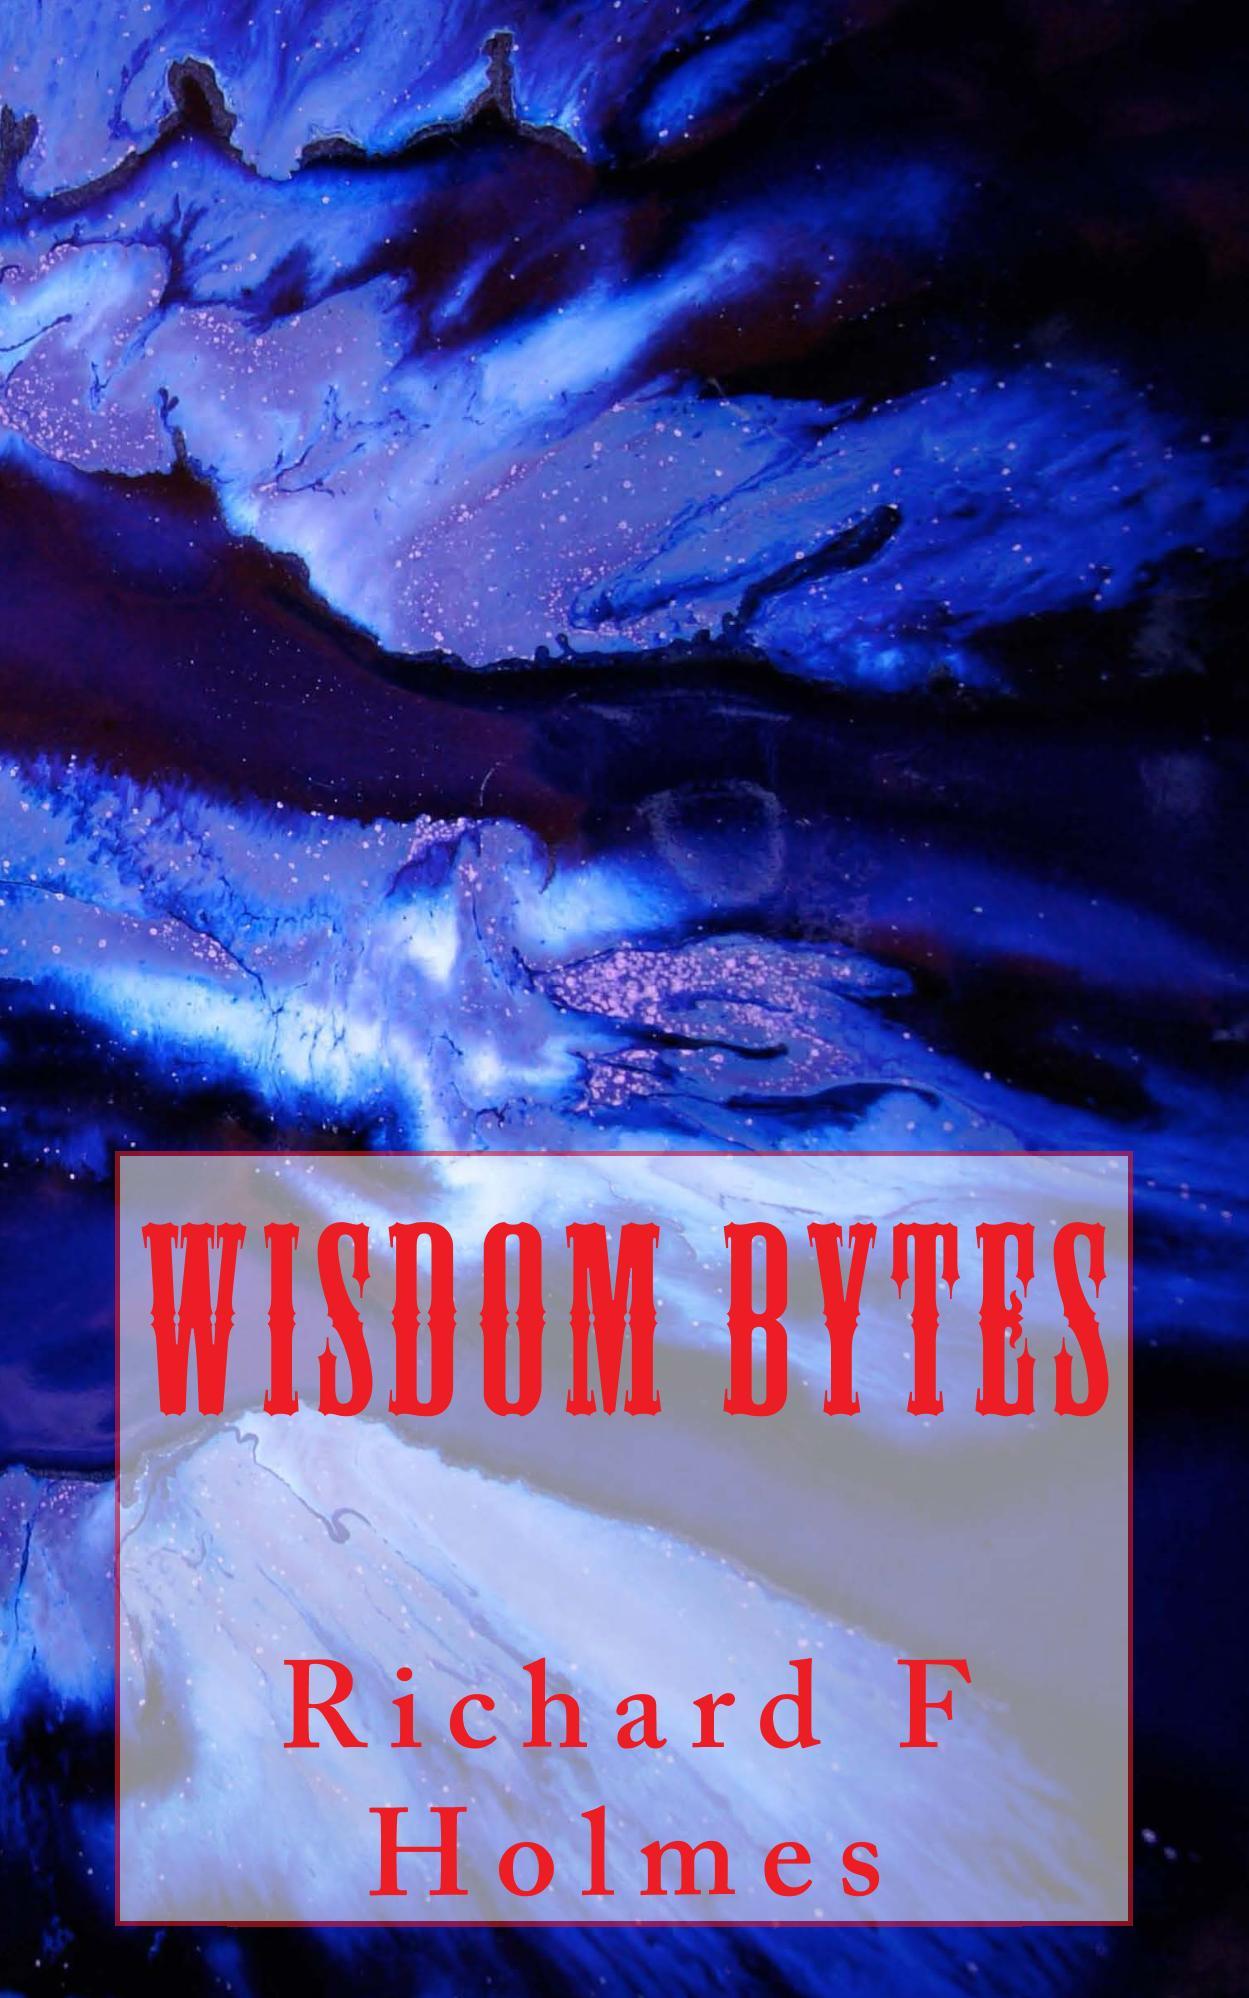 Wisdom Bytes